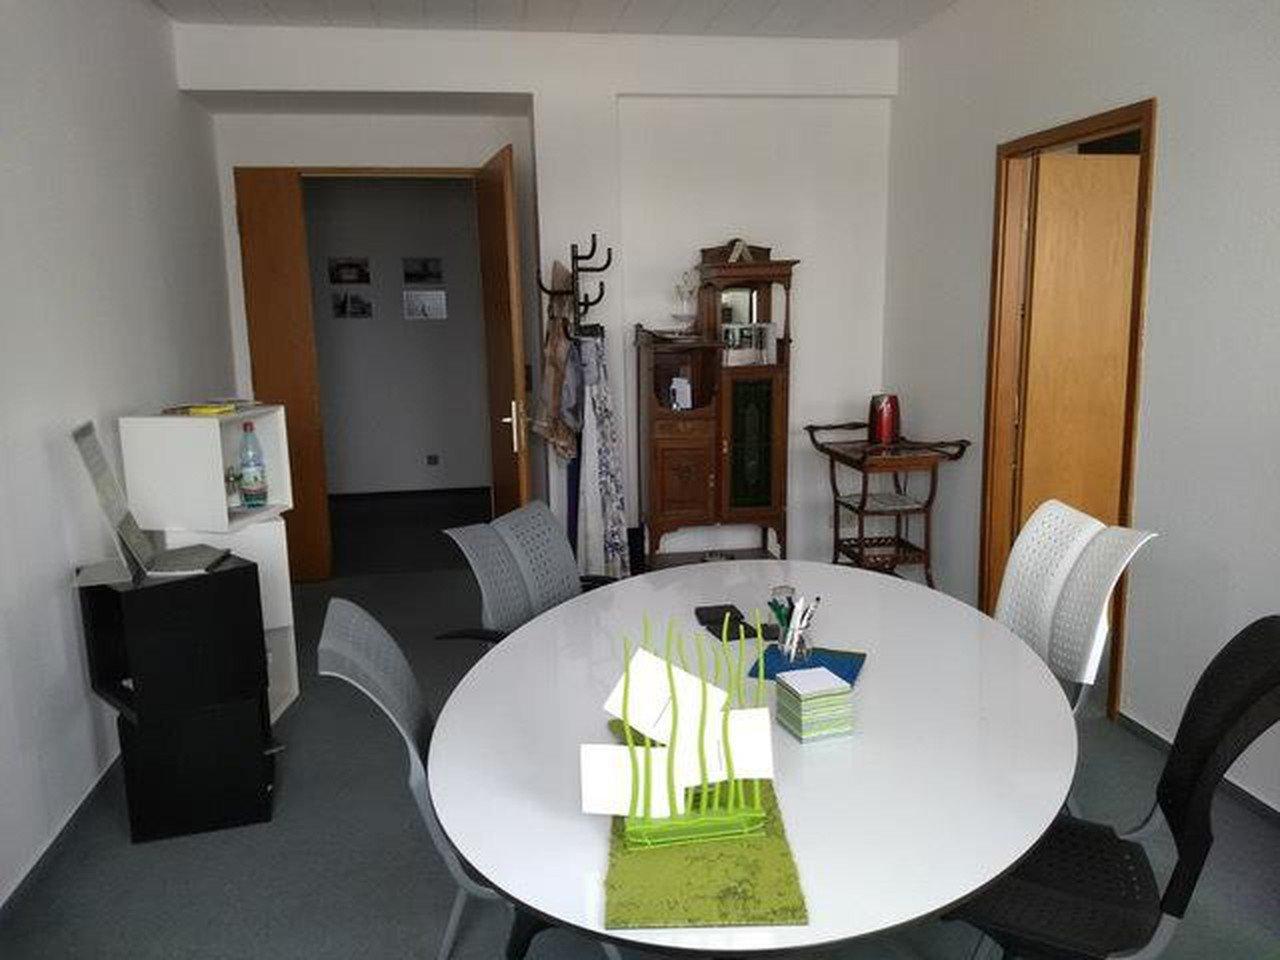 Frankfurt seminar rooms Meeting room PIER F,  Frankfurt Academy room (32 qm) with meeting room ( image 3